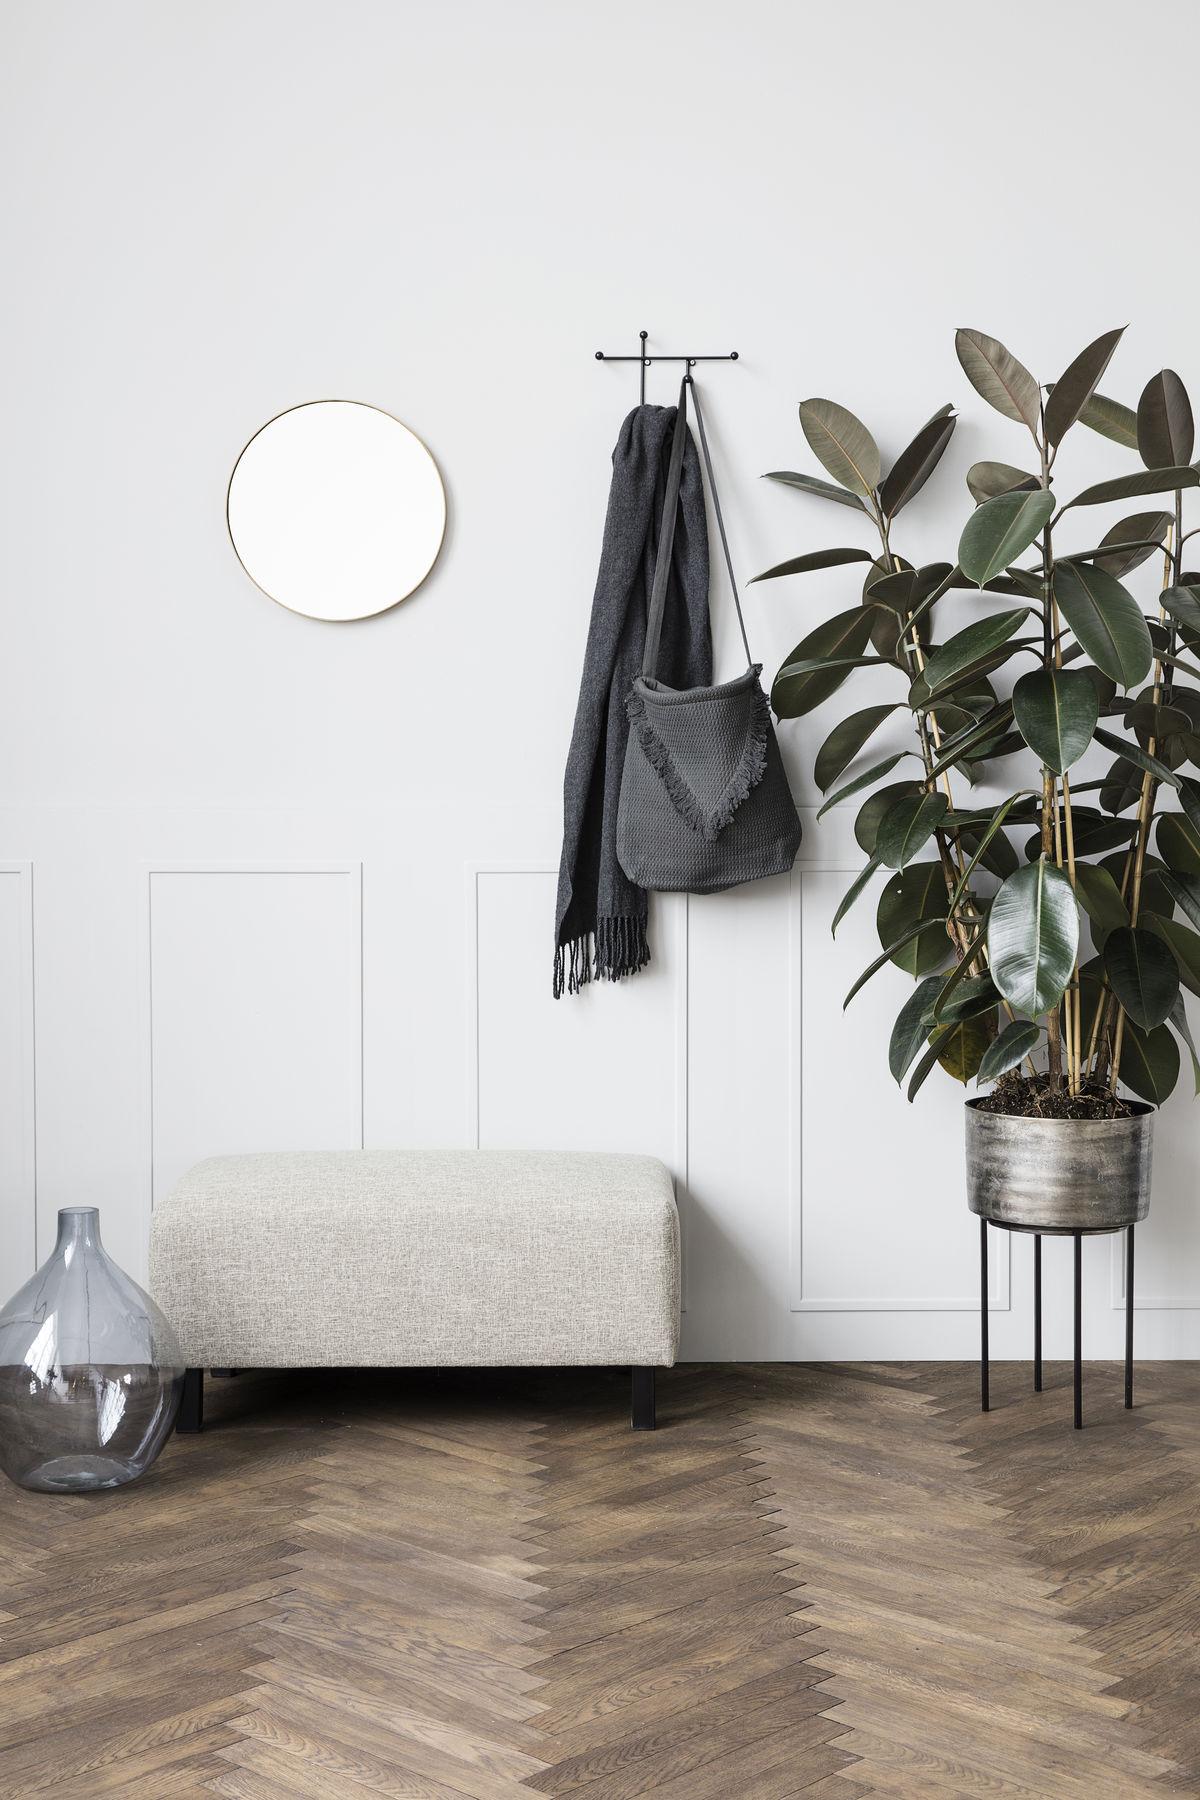 puf box gr melange house doctor stole thomsons. Black Bedroom Furniture Sets. Home Design Ideas